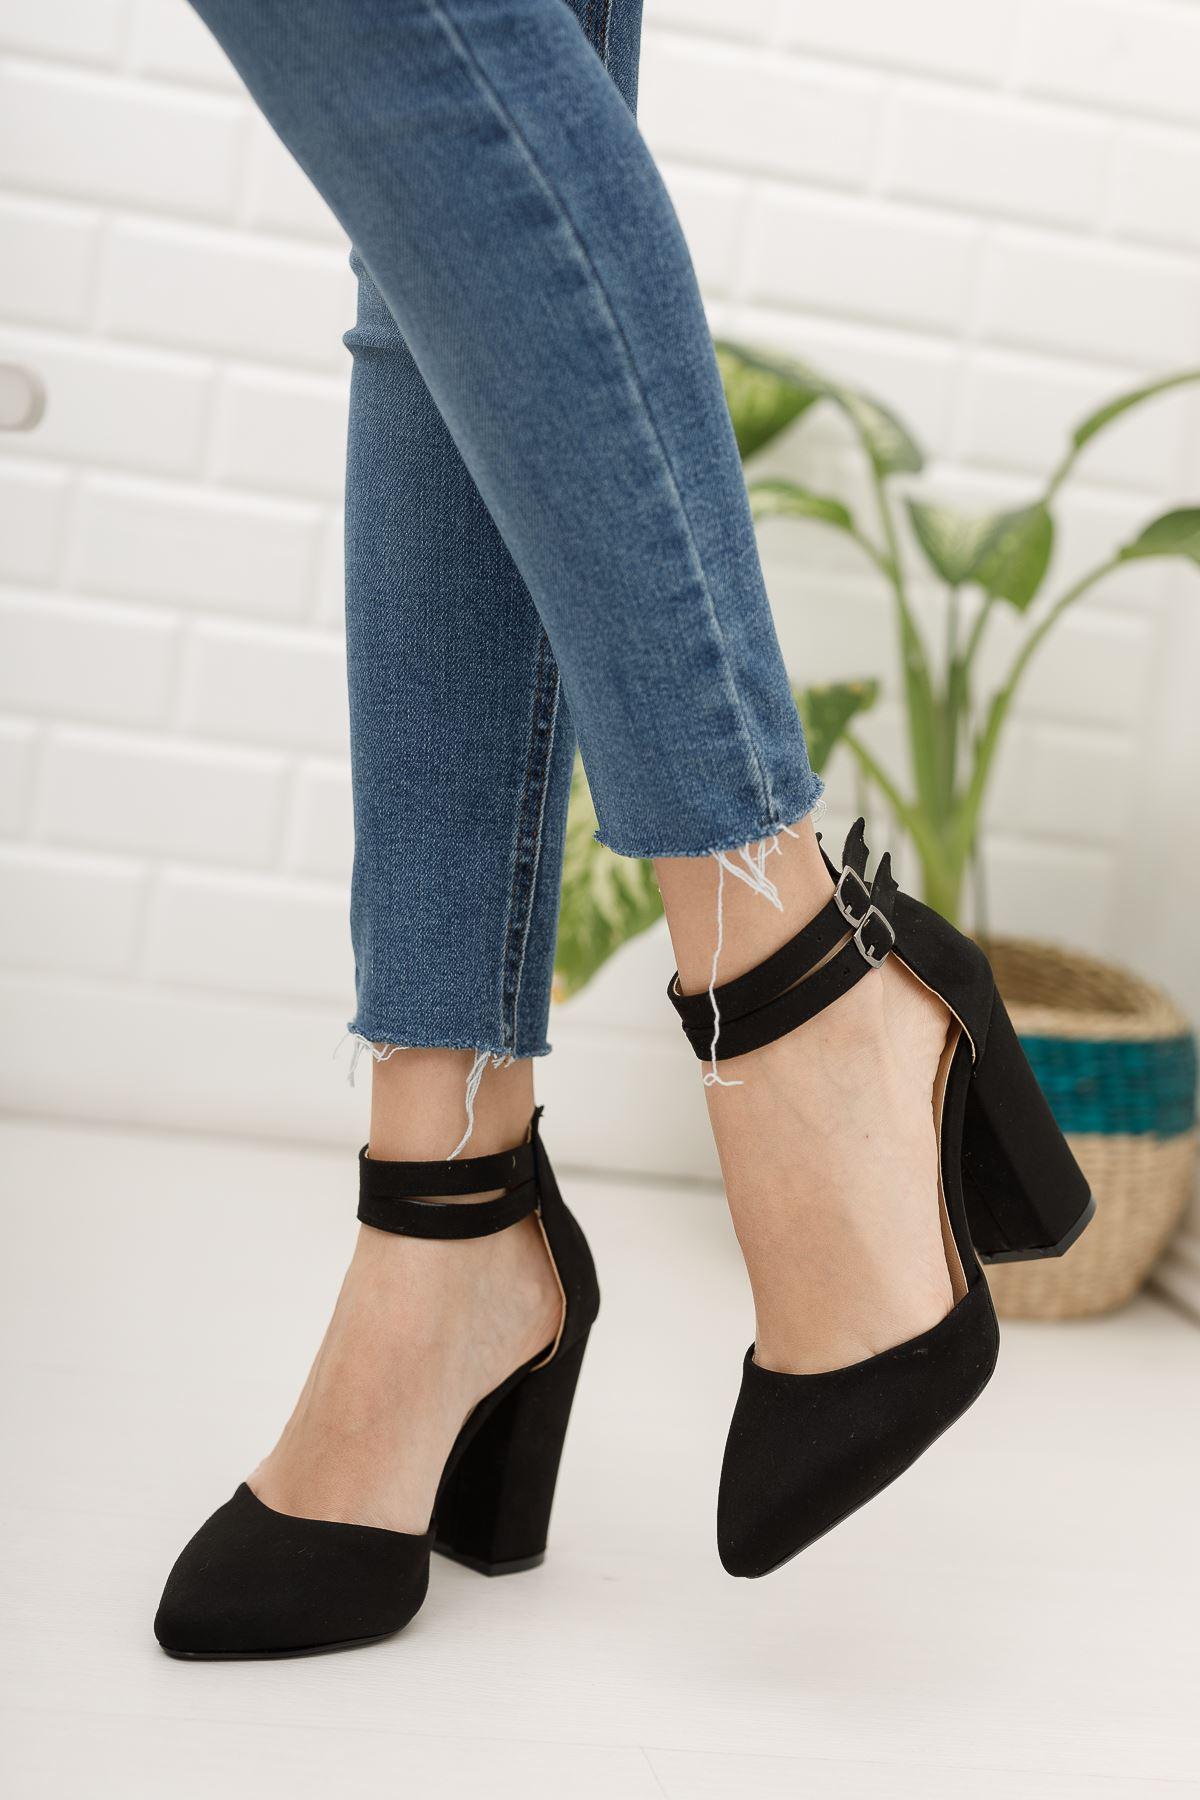 Kadın papun Çift Toka Detay Kalın Topuklu Siyah Süet Ayakkabı